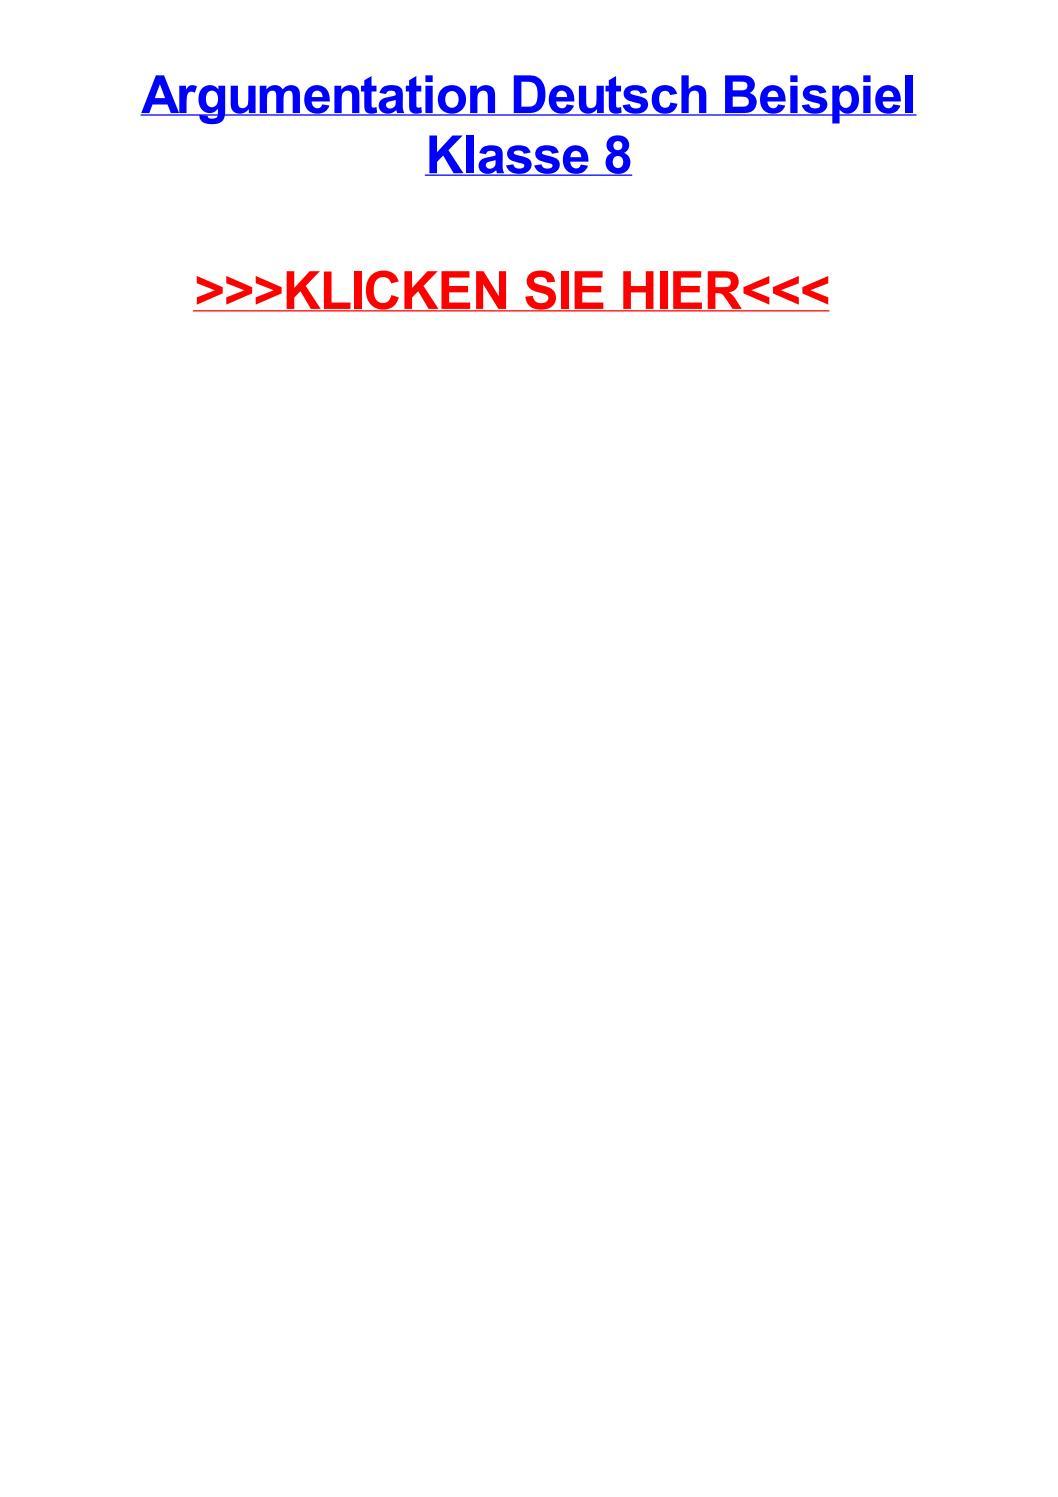 Argumentation deutsch beispiel klasse 8 by gabrielxxkm - issuu